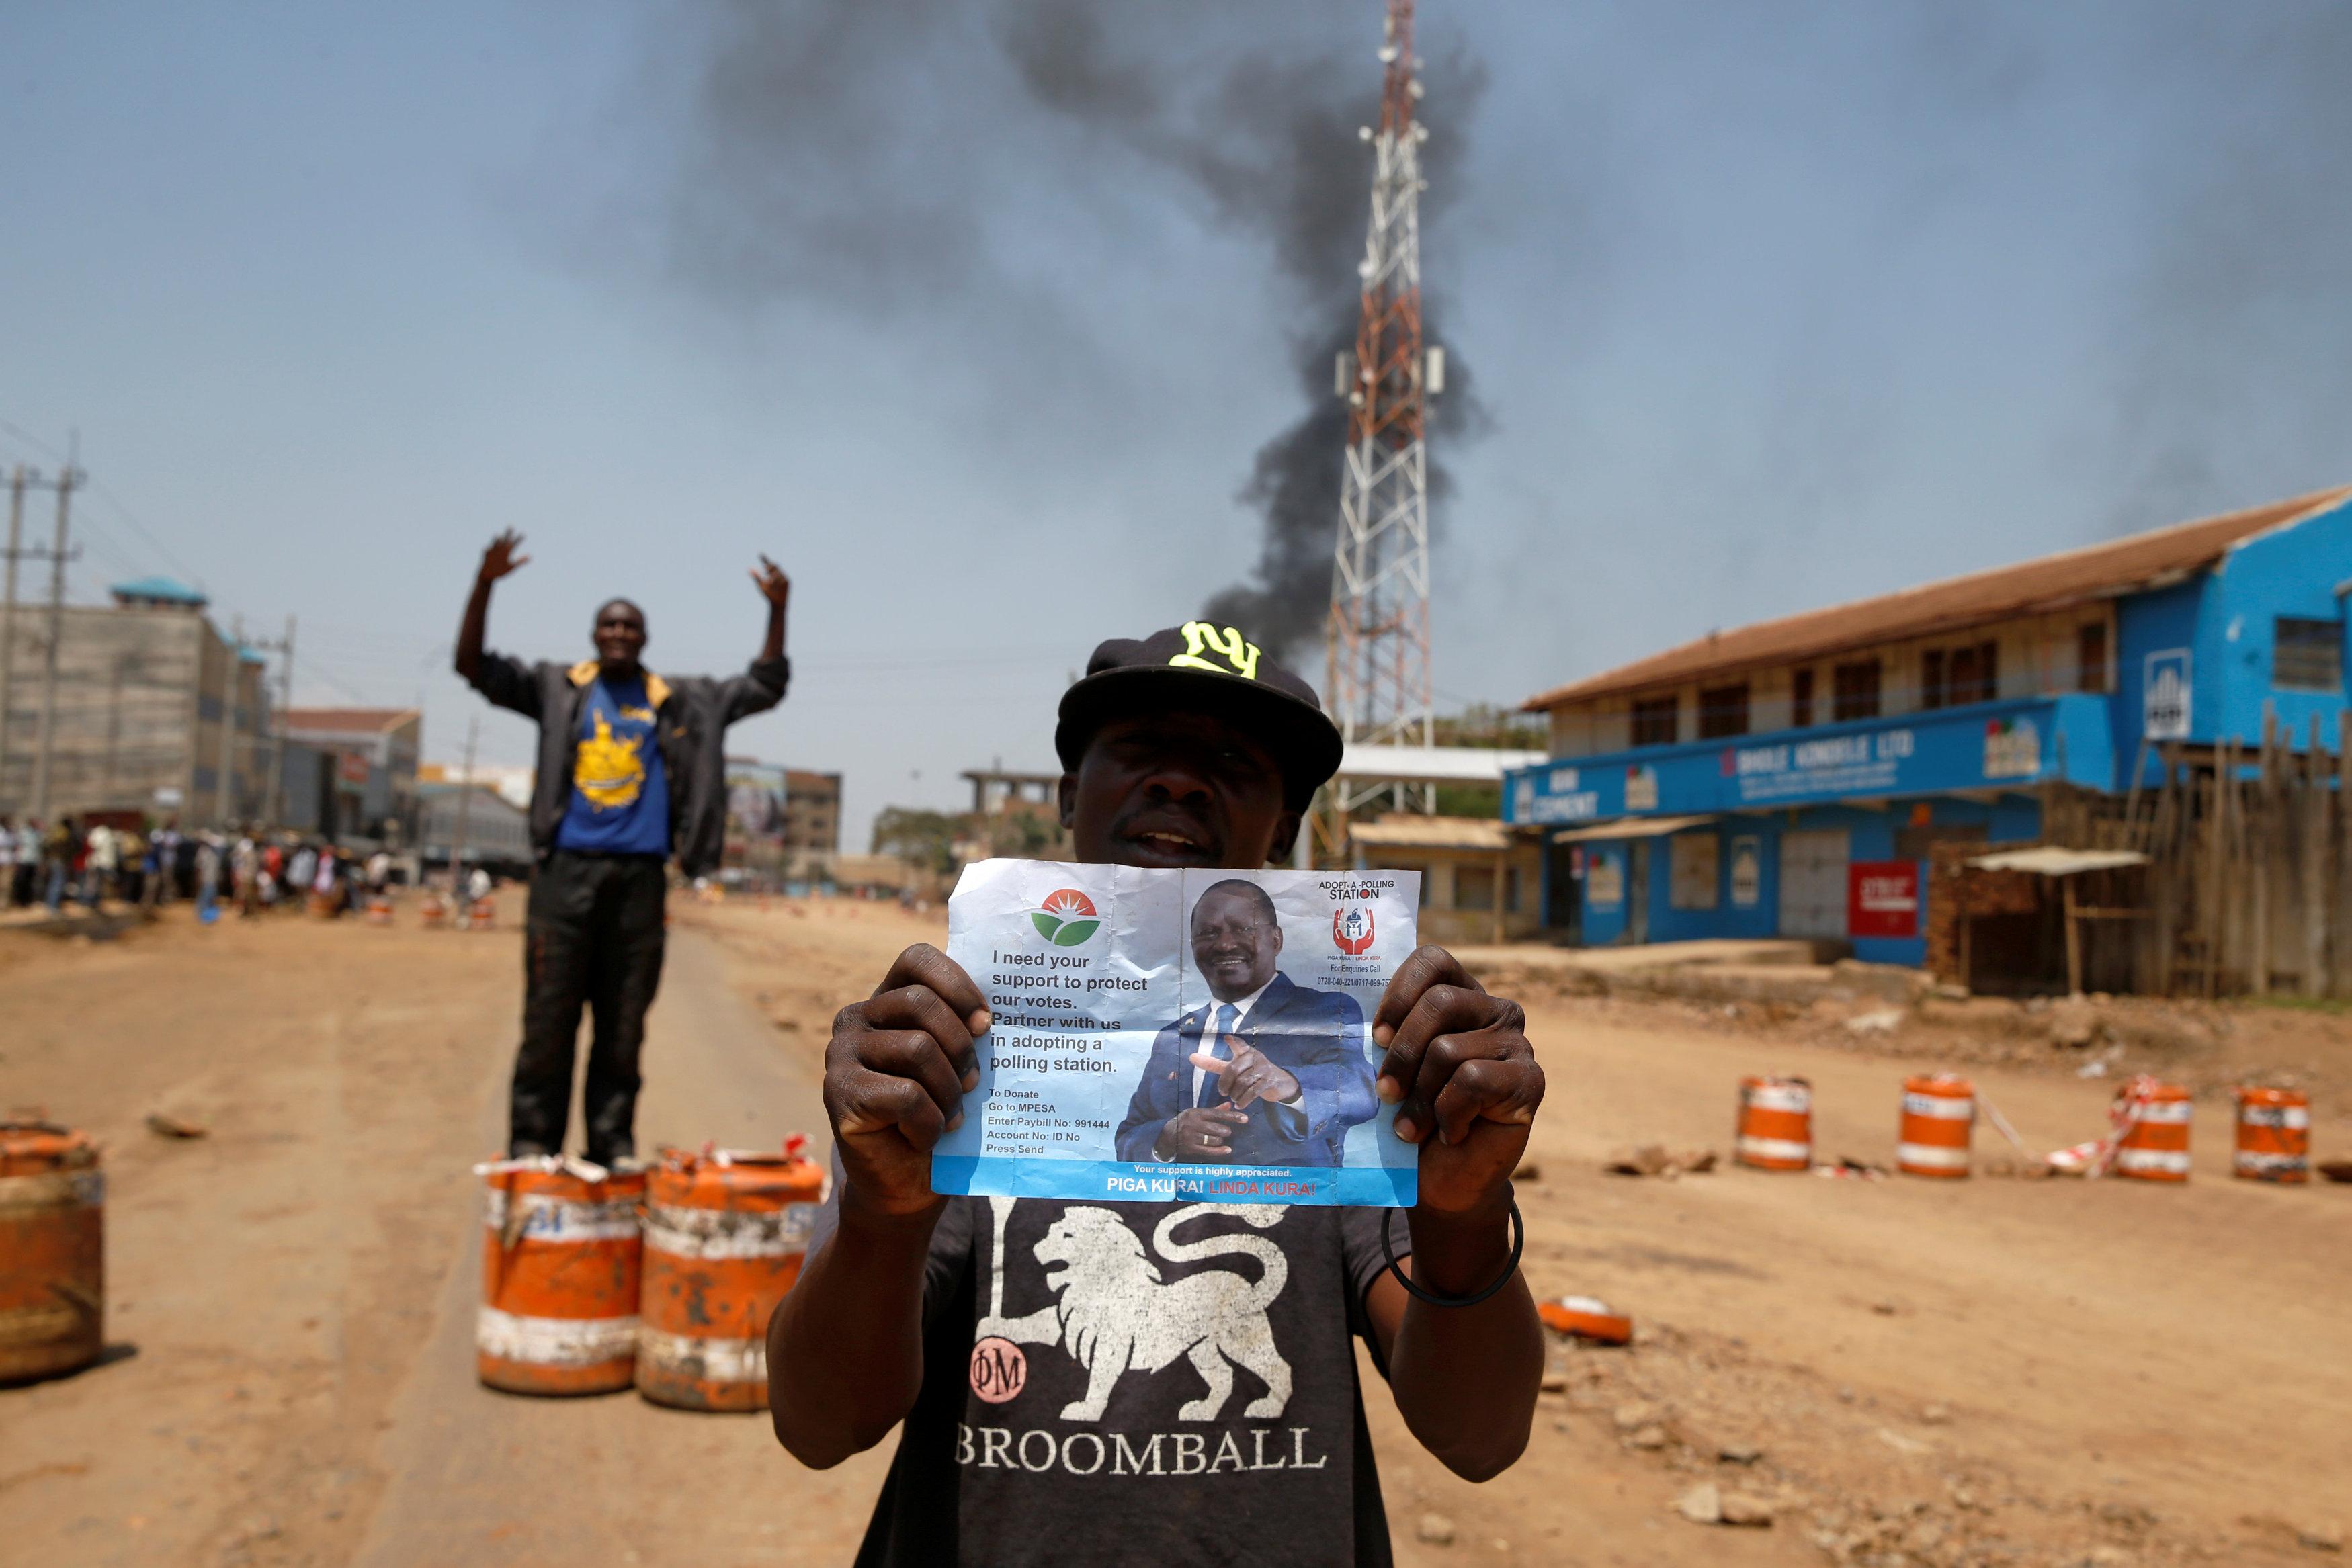 أحد أنصار اودينجا يرفع صورة زعيم المعارضة الكينى